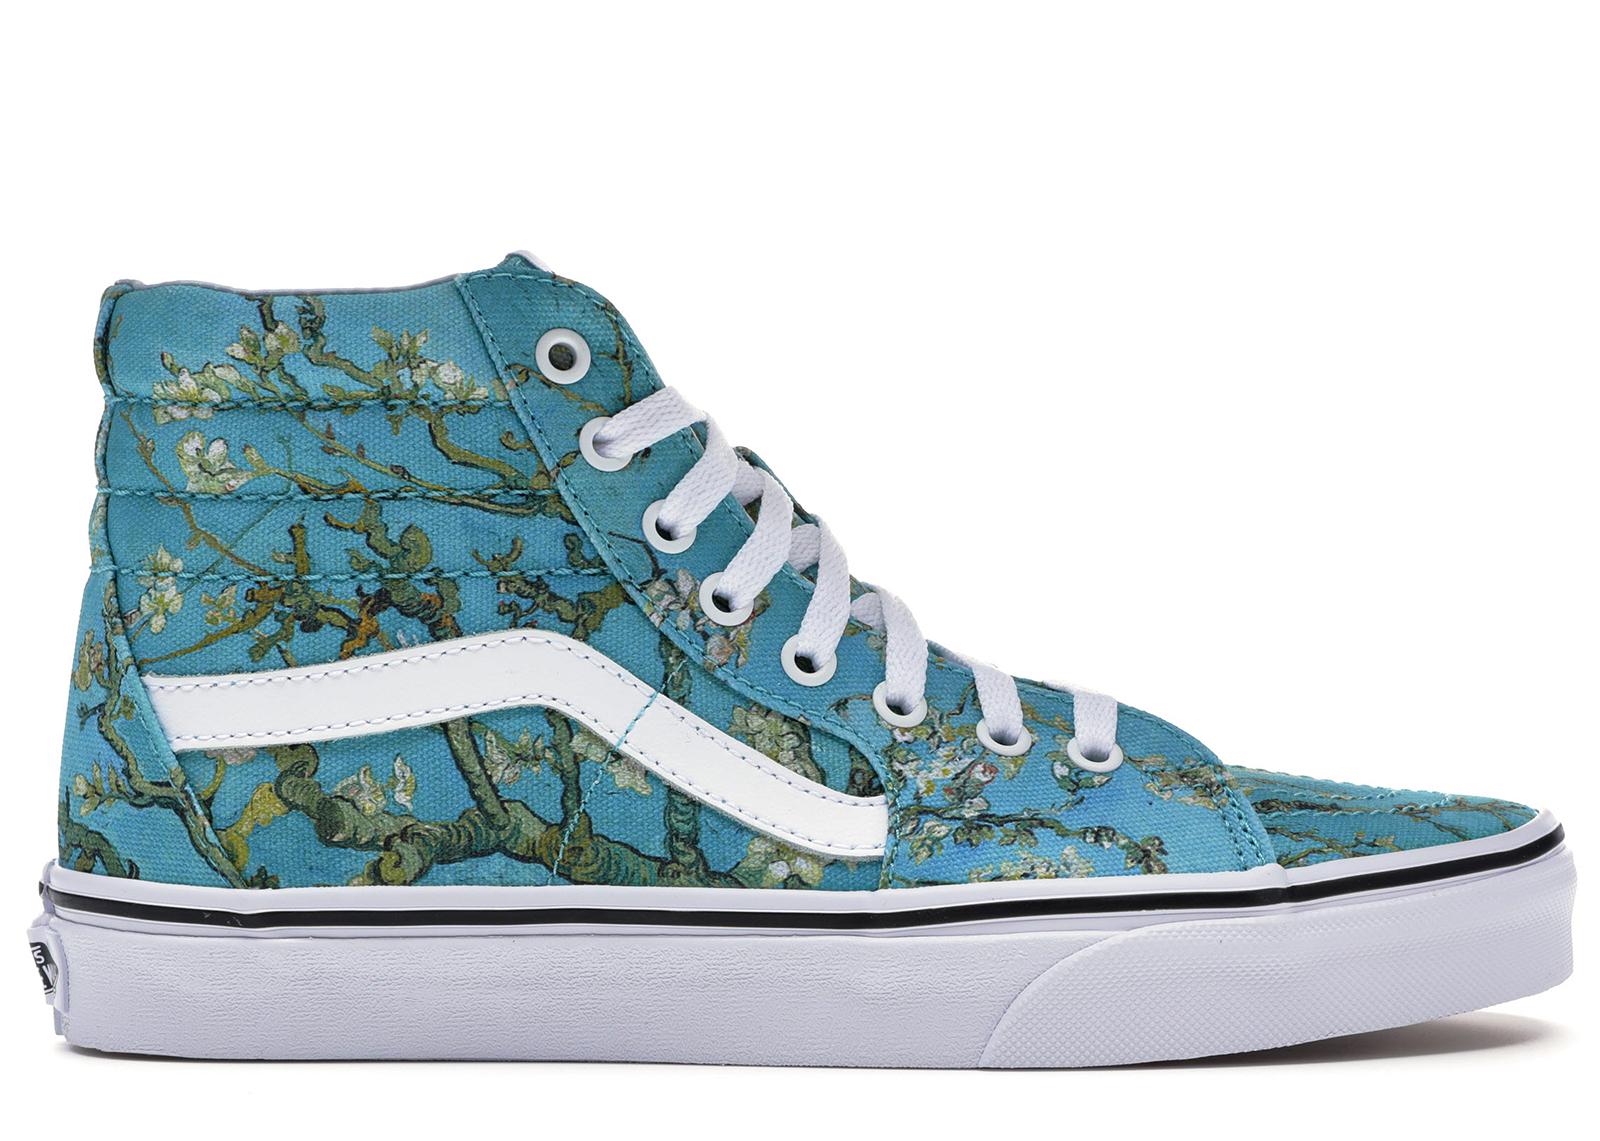 Vans Sk8 Hi Van Gogh Almond Blossom (W)